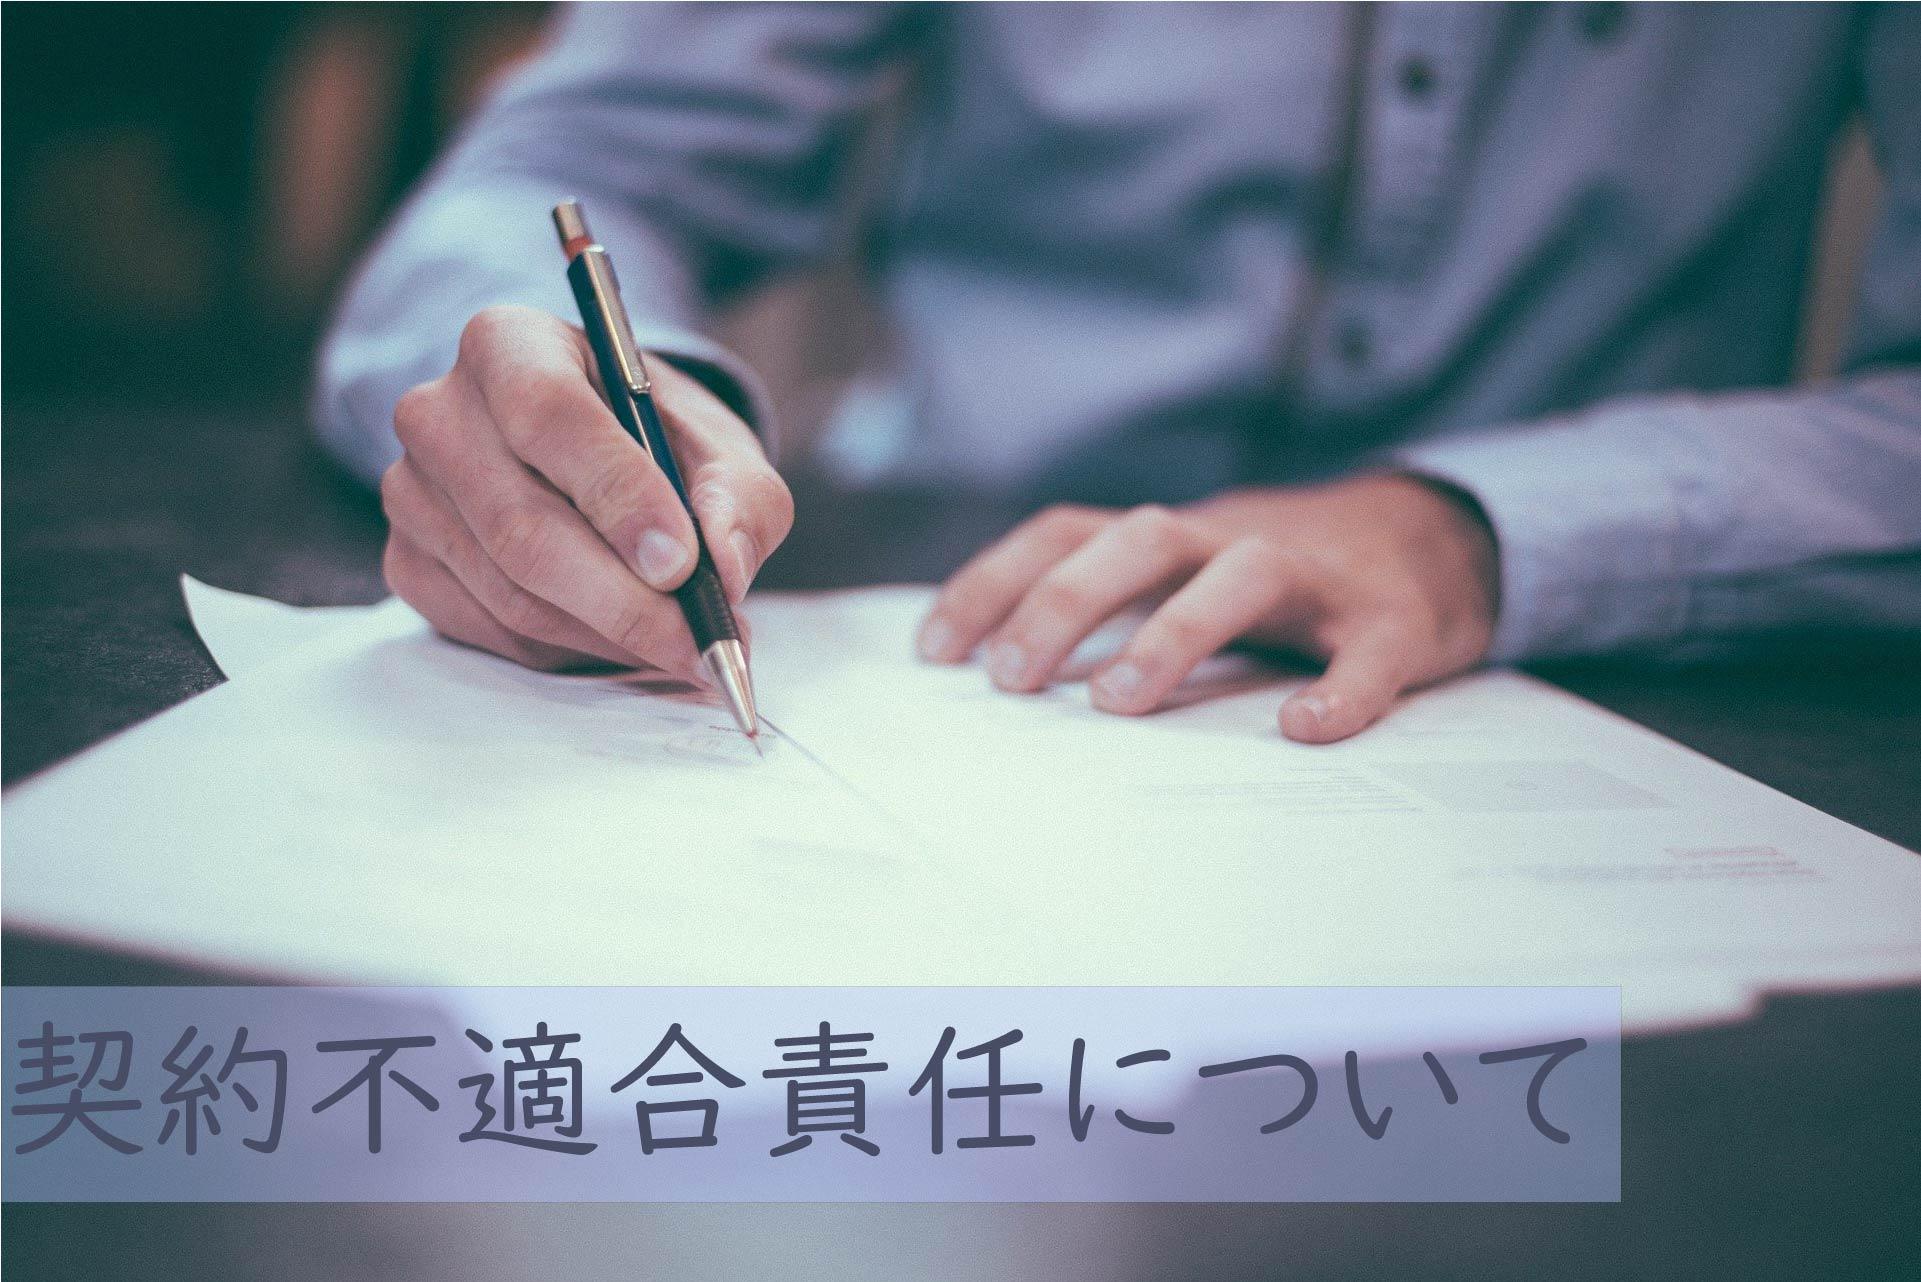 【デンタツ2020年4月号 配信のお知らせ】